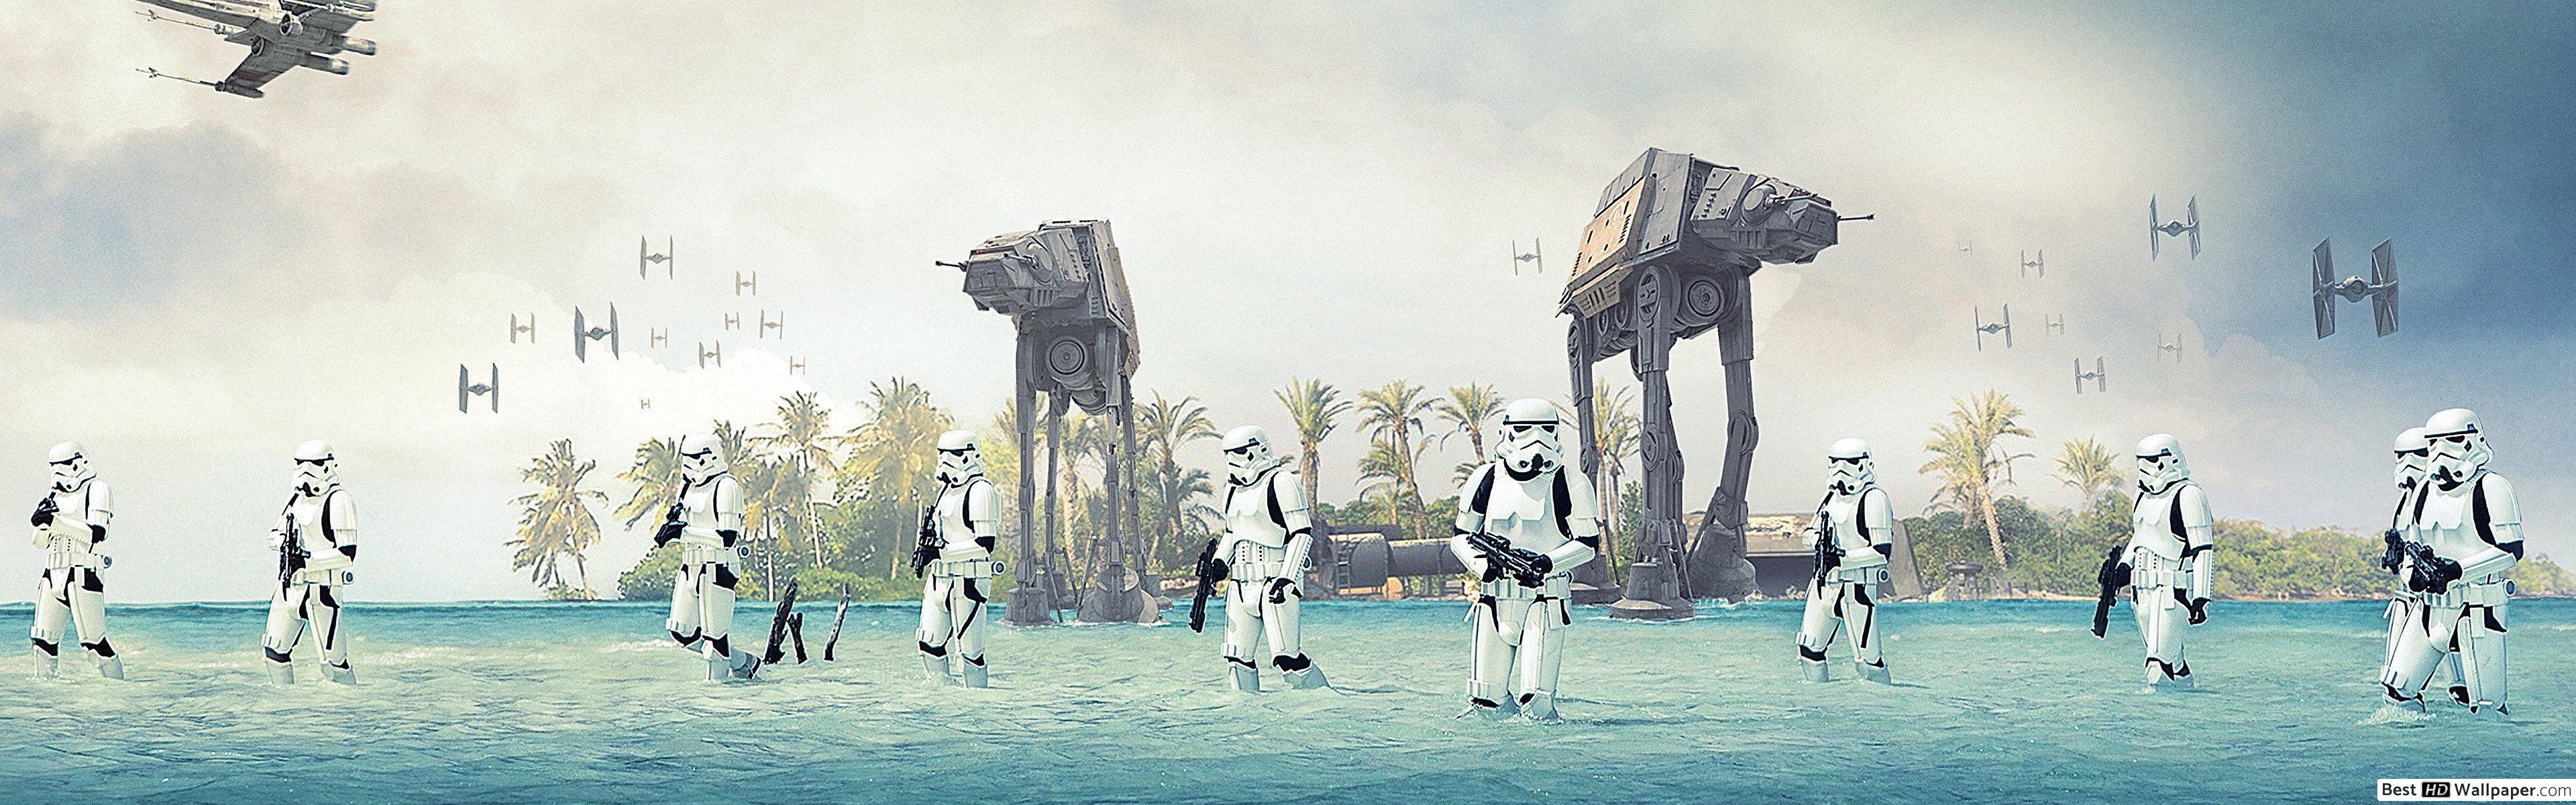 Star Wars Hd Wallpapers 4k 3840x1200 Wallpaper Teahub Io